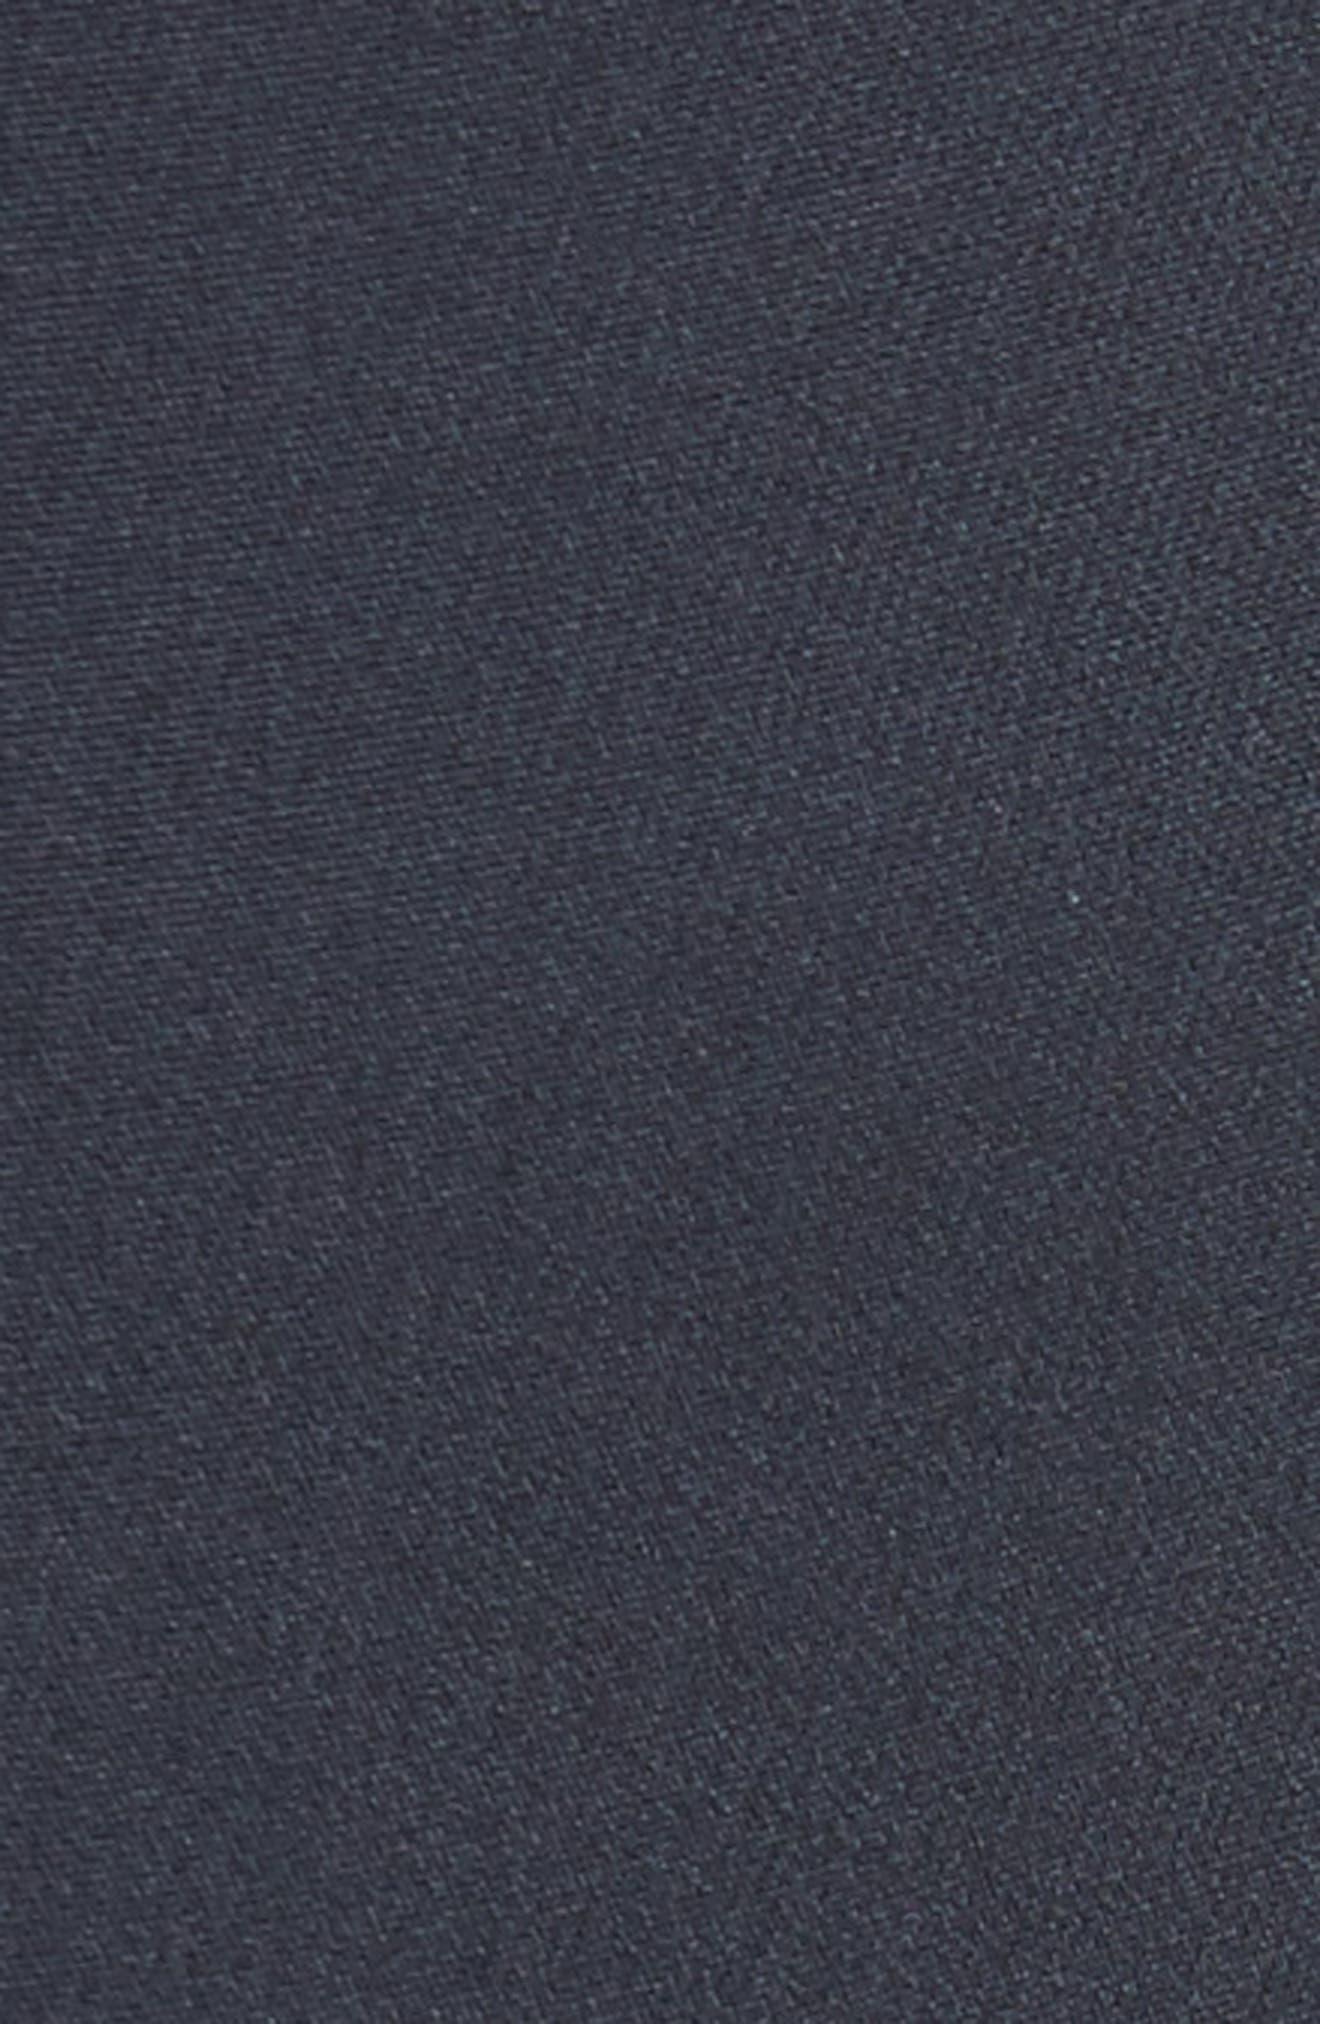 Stretch Crepe Cigarette Pants,                             Alternate thumbnail 5, color,                             410